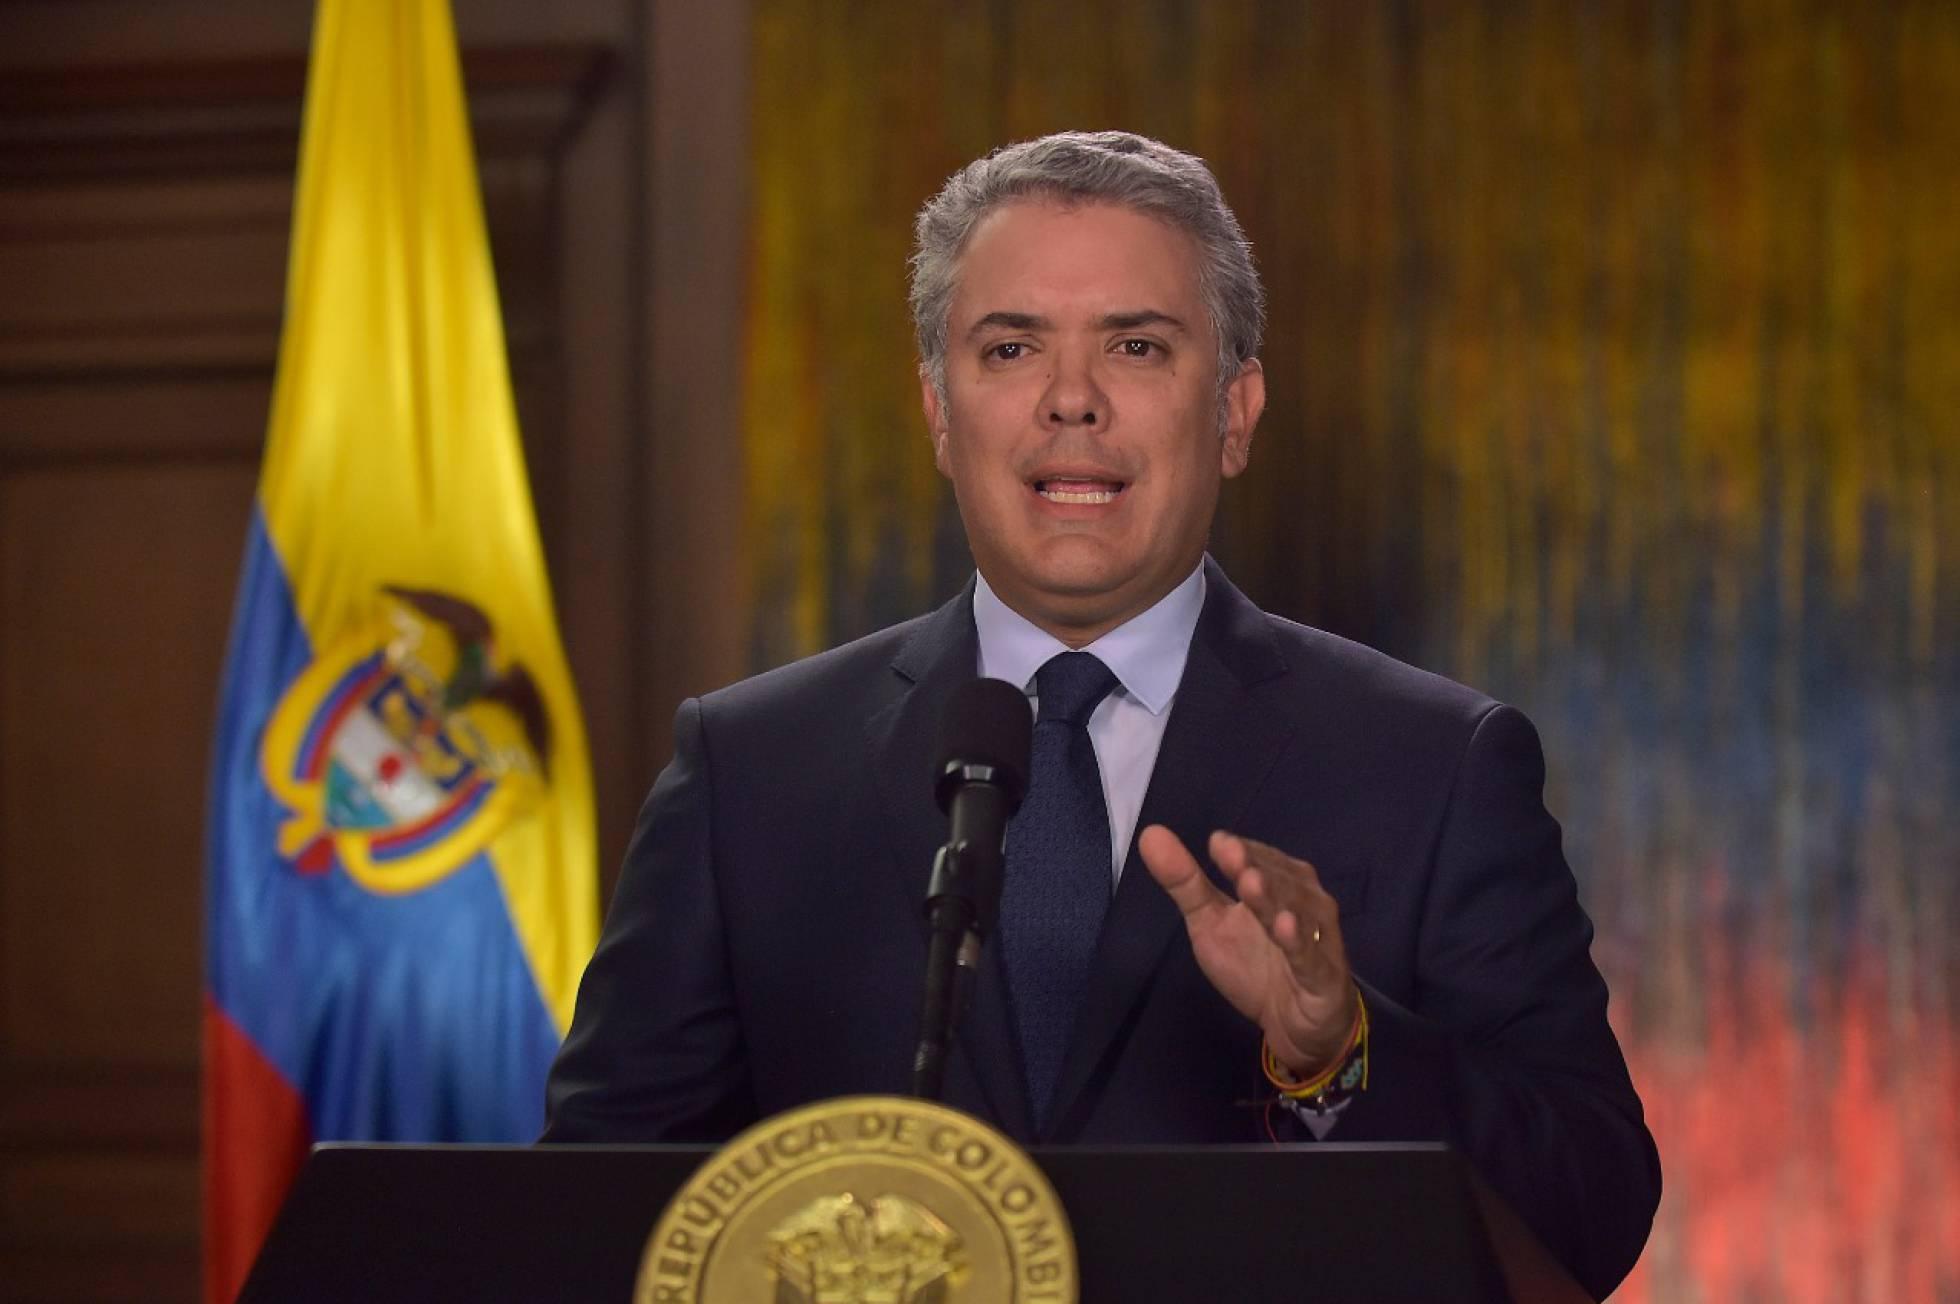 Iván Duque da por finalizada la negociación con el ELN y pide a Cuba detener a su cúpula